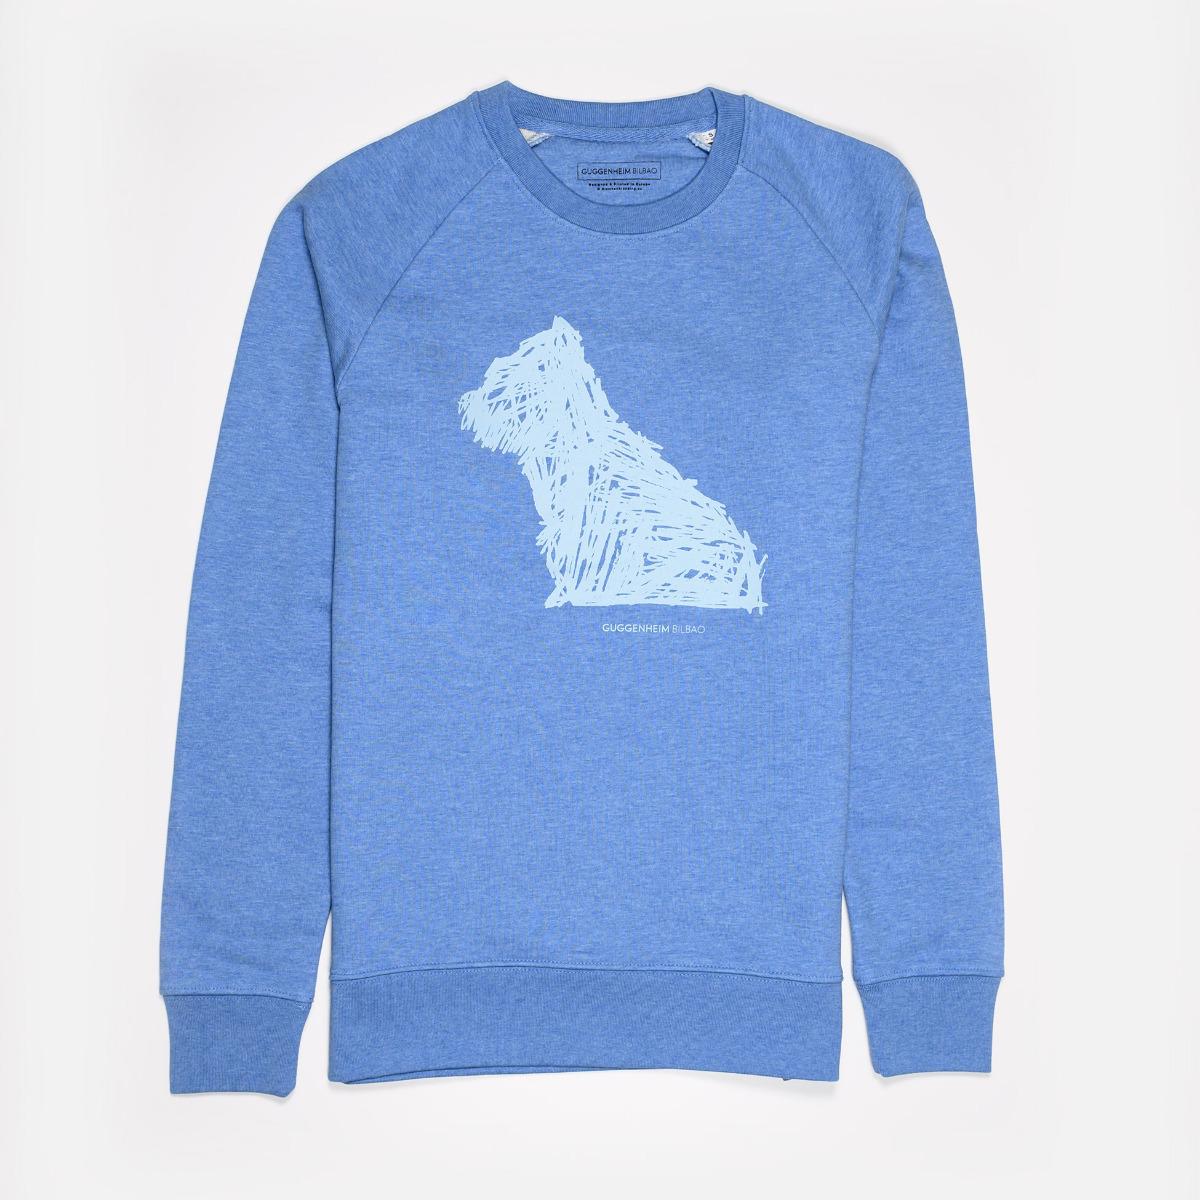 Sudadera Puppy azul